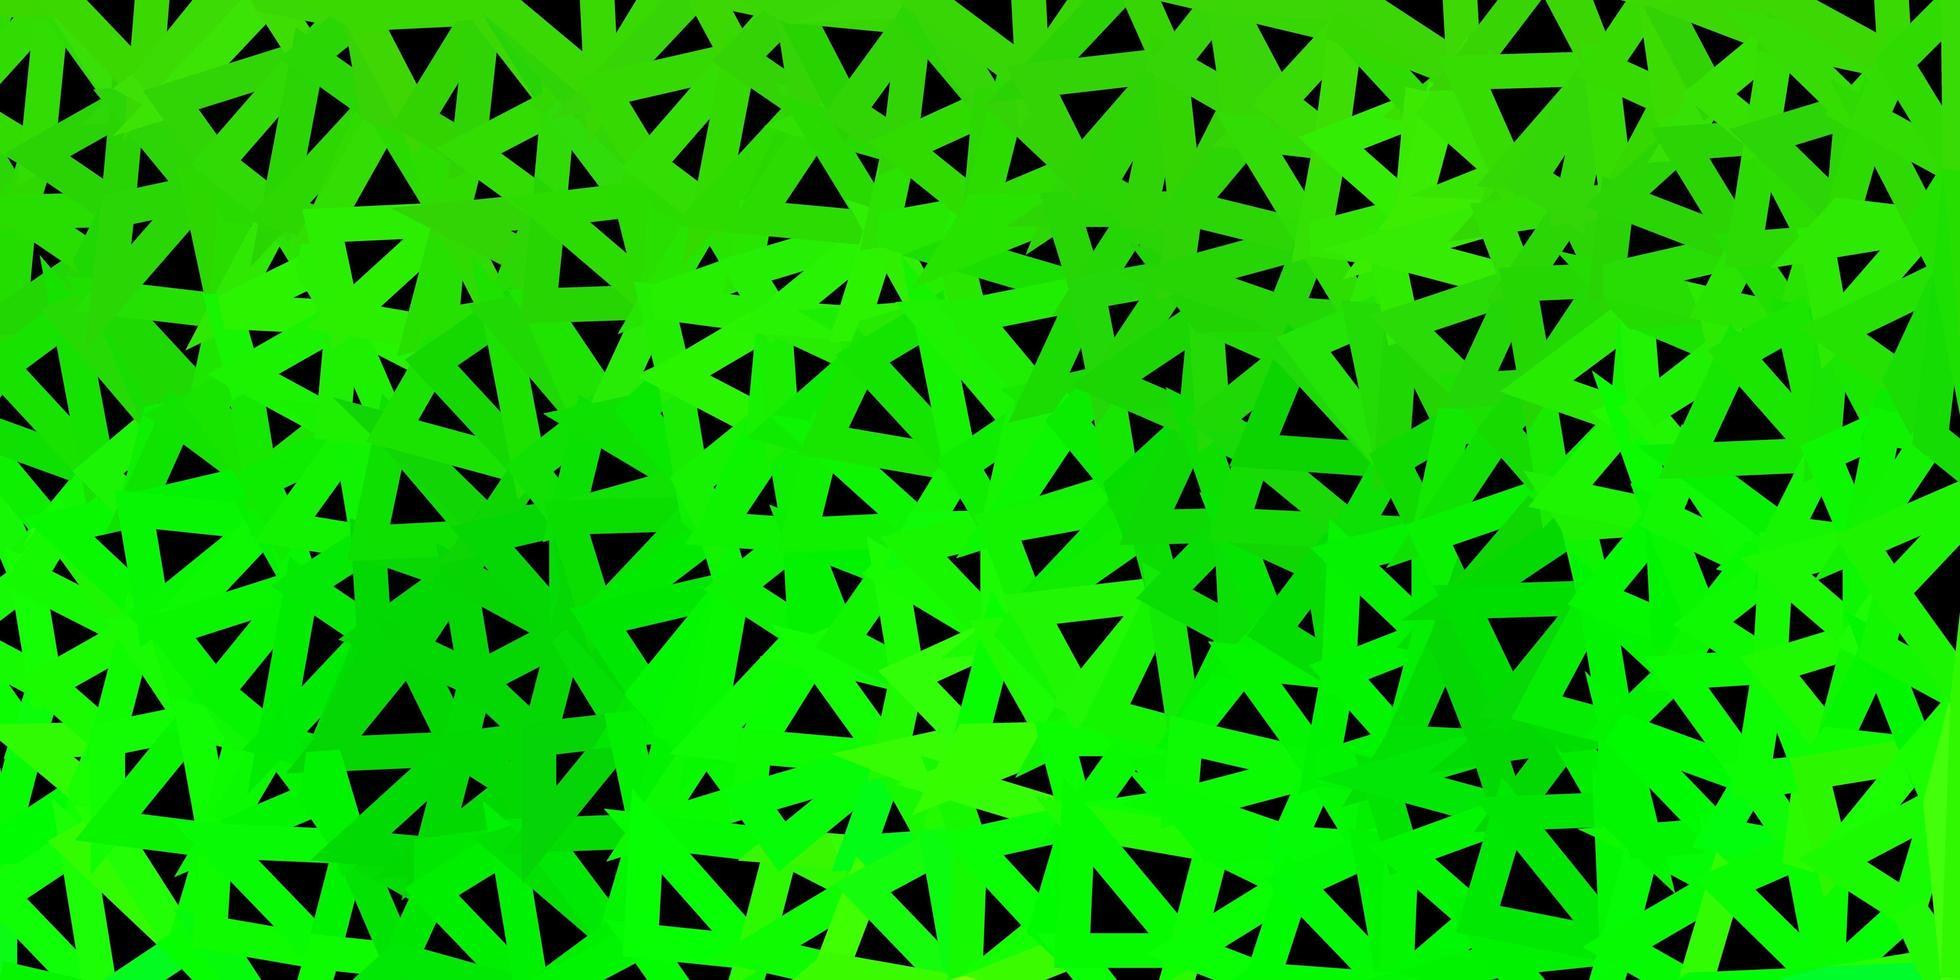 modello triangolo astratto vettoriale verde scuro.